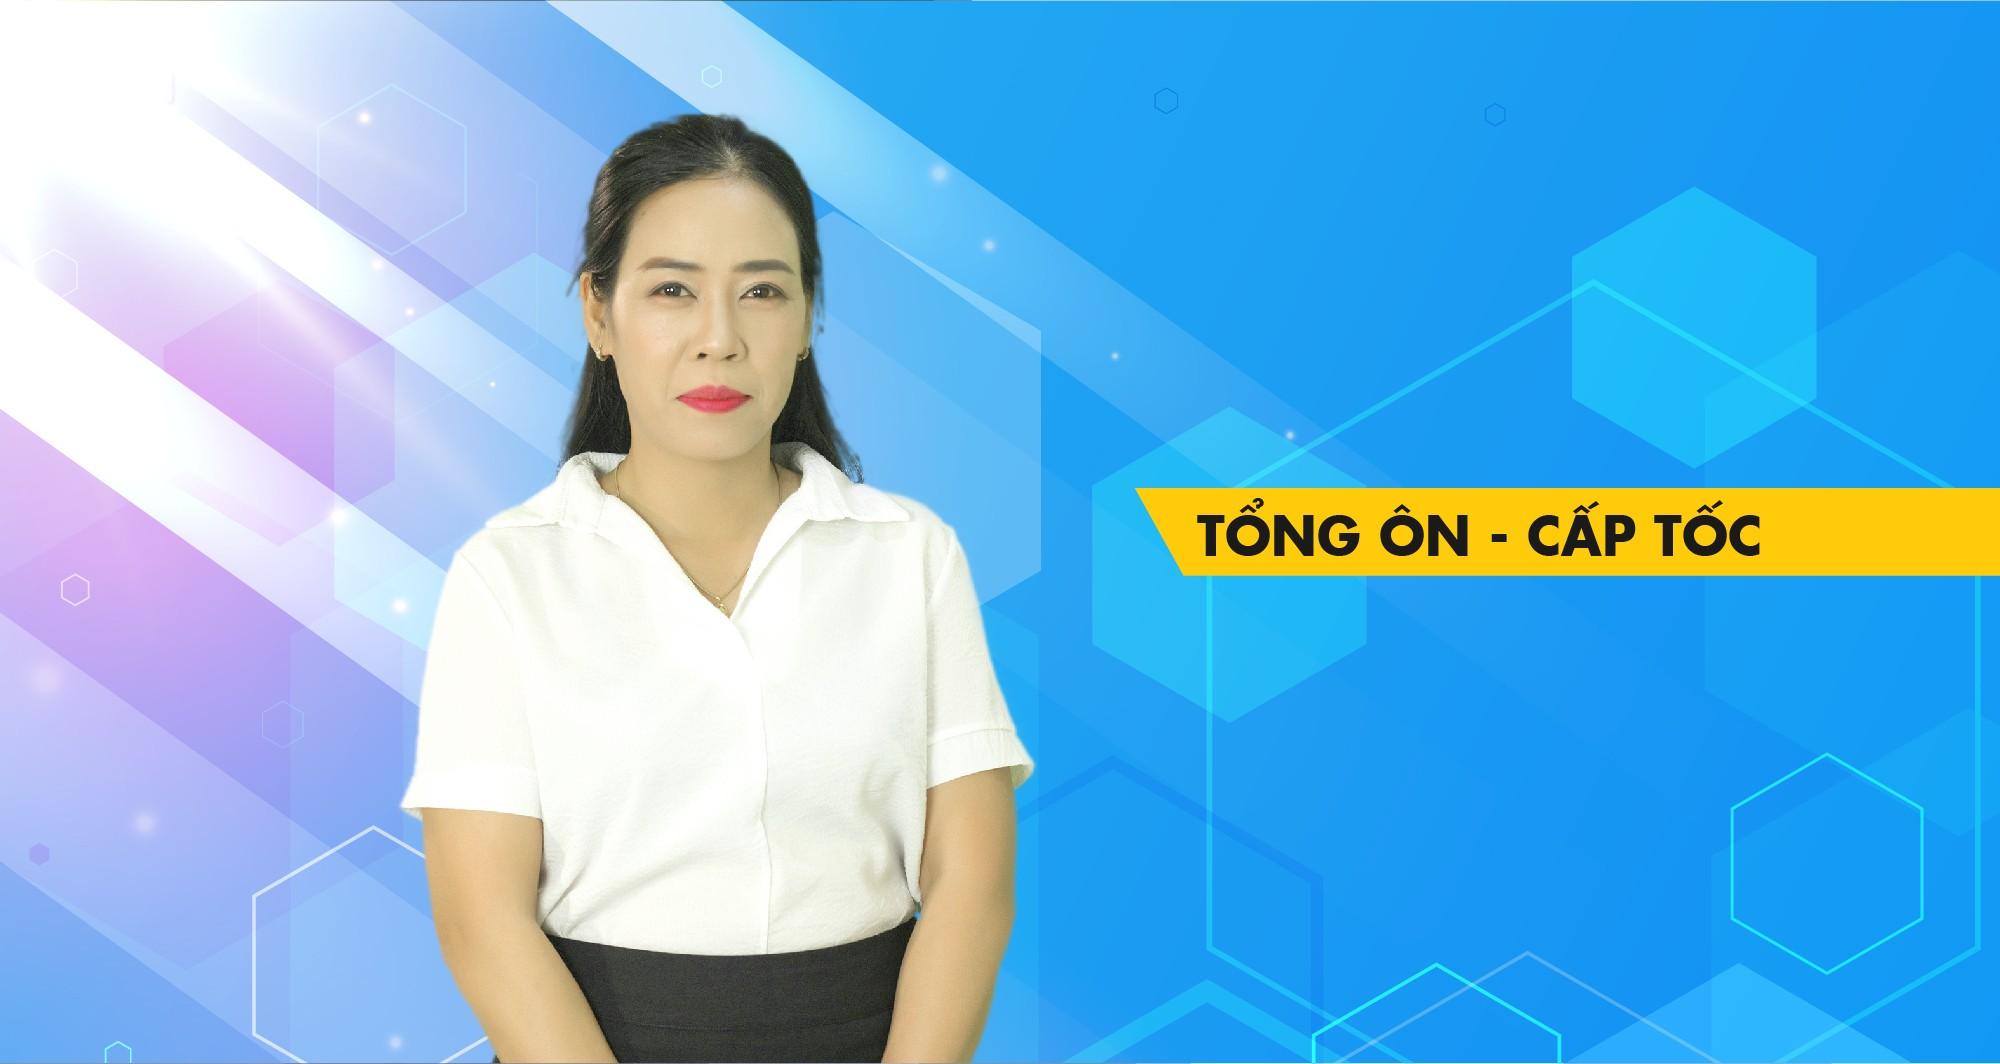 tong-hop-phuong-phap-giai-bai-tap-hoa-hoc-thpt